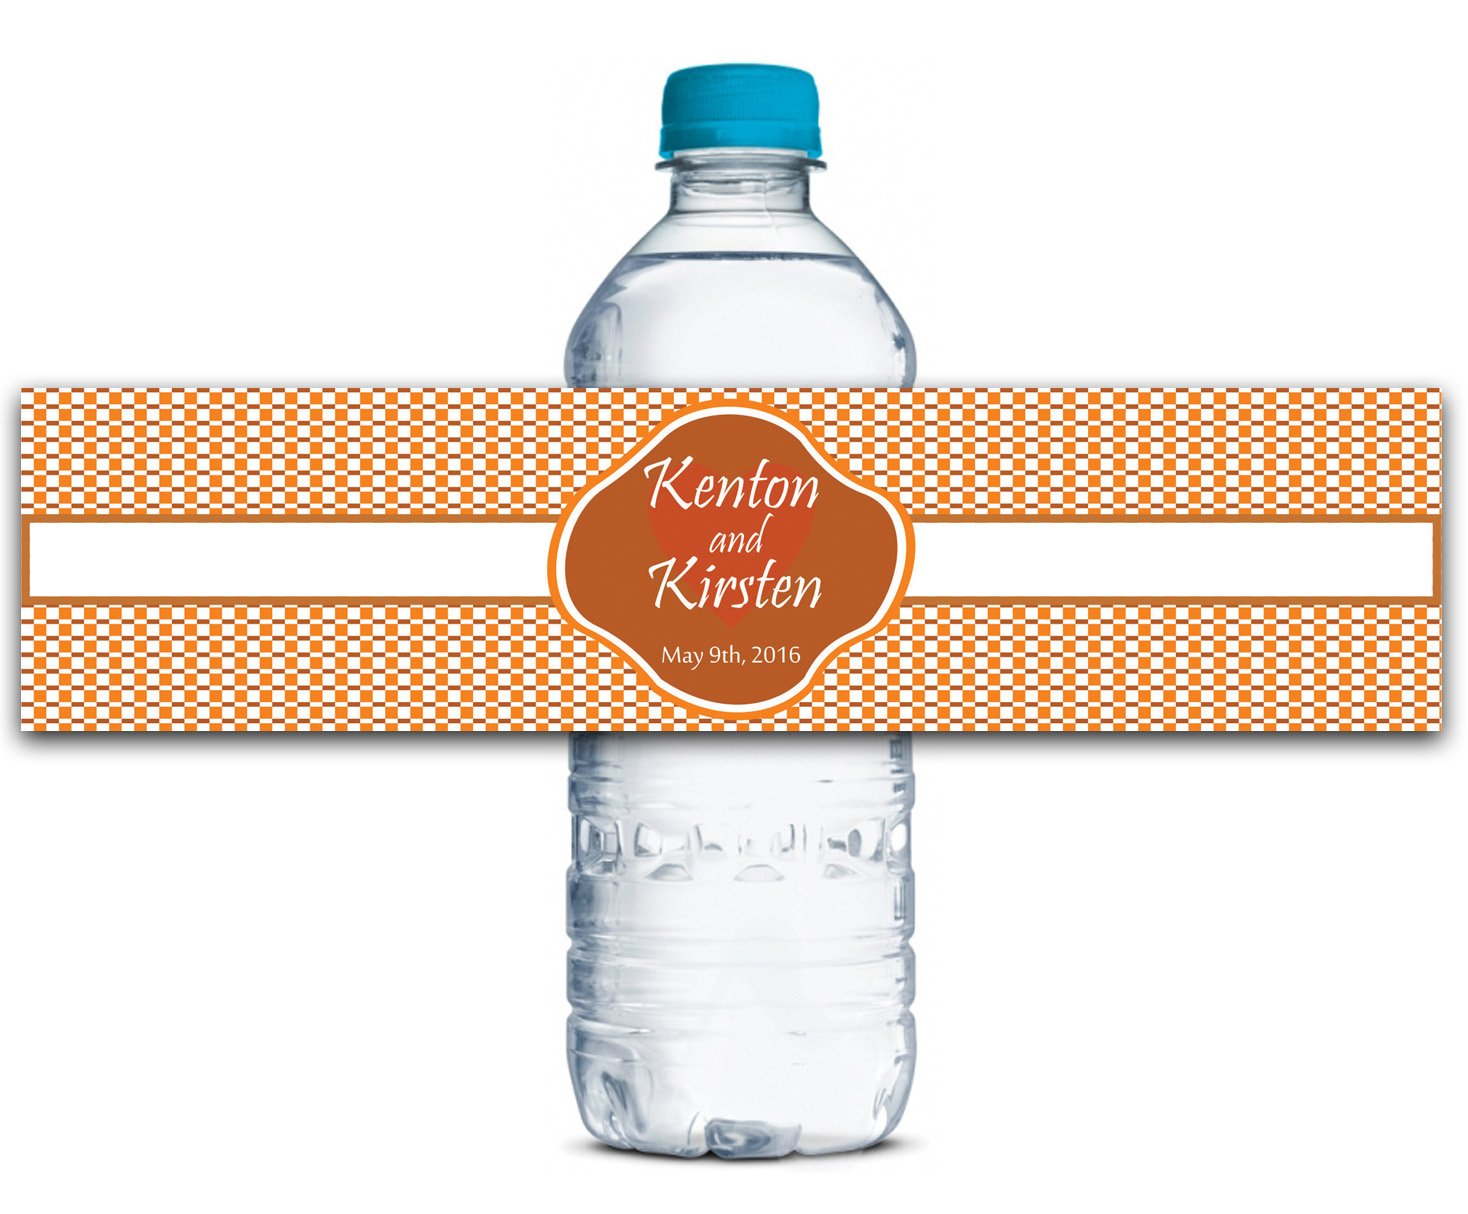 Personalisierte Wasserflasche Etiketten Selbstklebende wasserdichte Kundenspezifische Hochzeits-Aufkleber 8    x 2  Zoll - 50 Etiketten B01A0W1RN6   Elegantes und robustes Menü  069d07